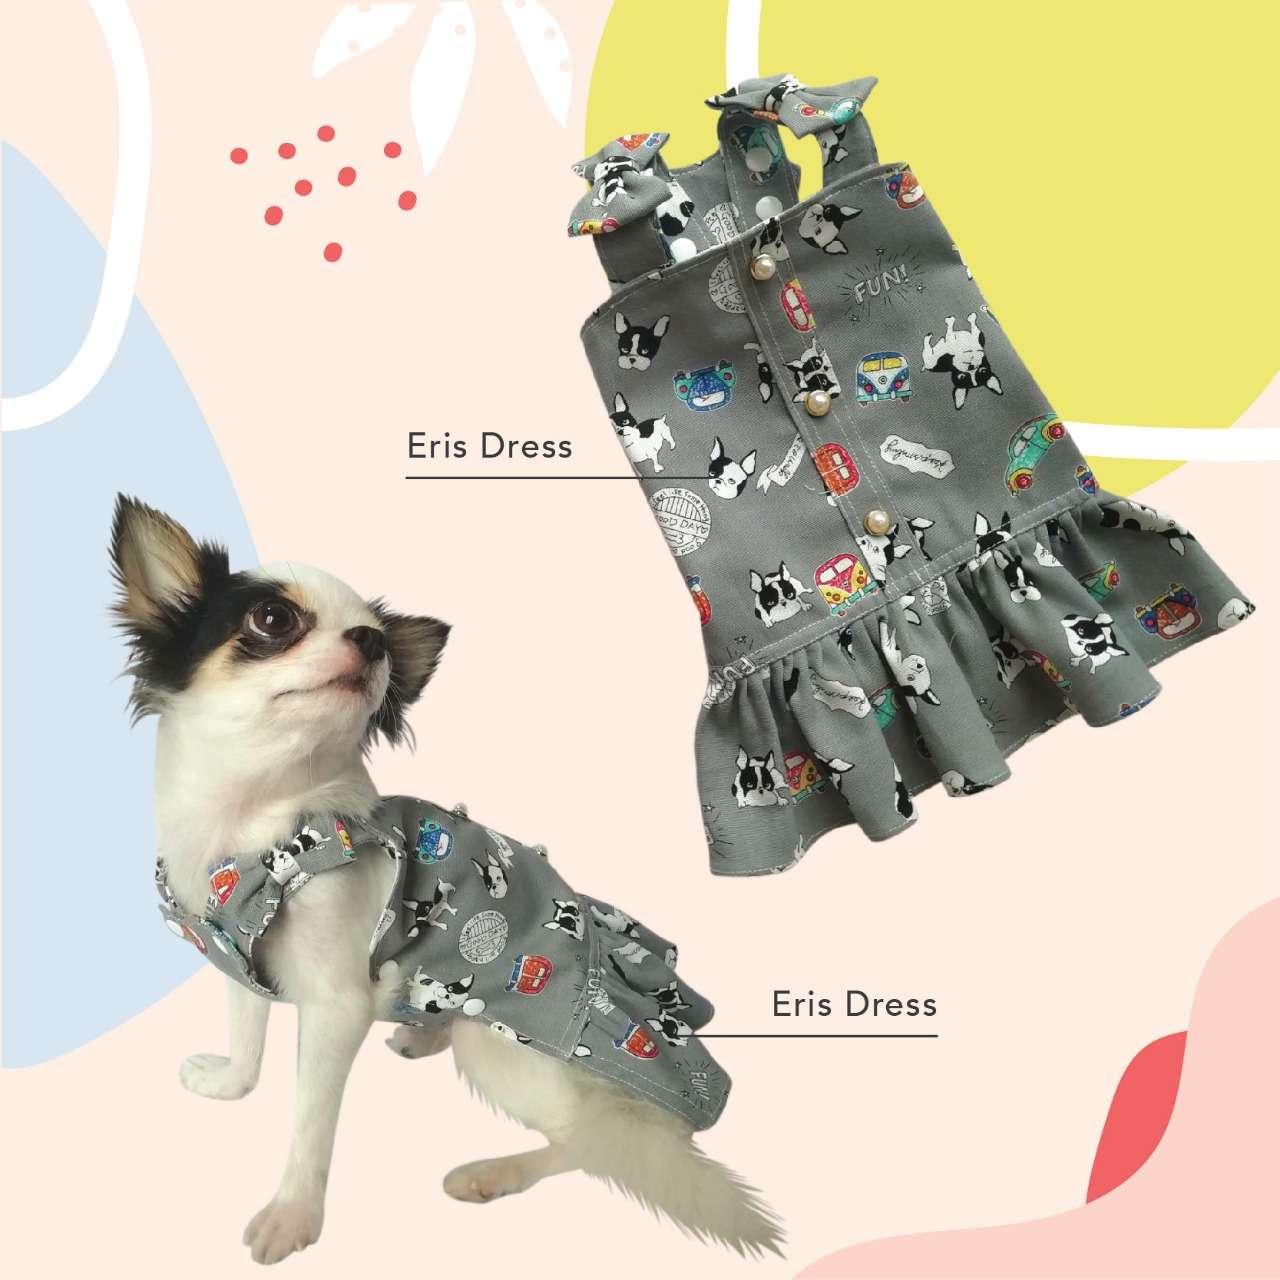 Petza - Eris dress Photo